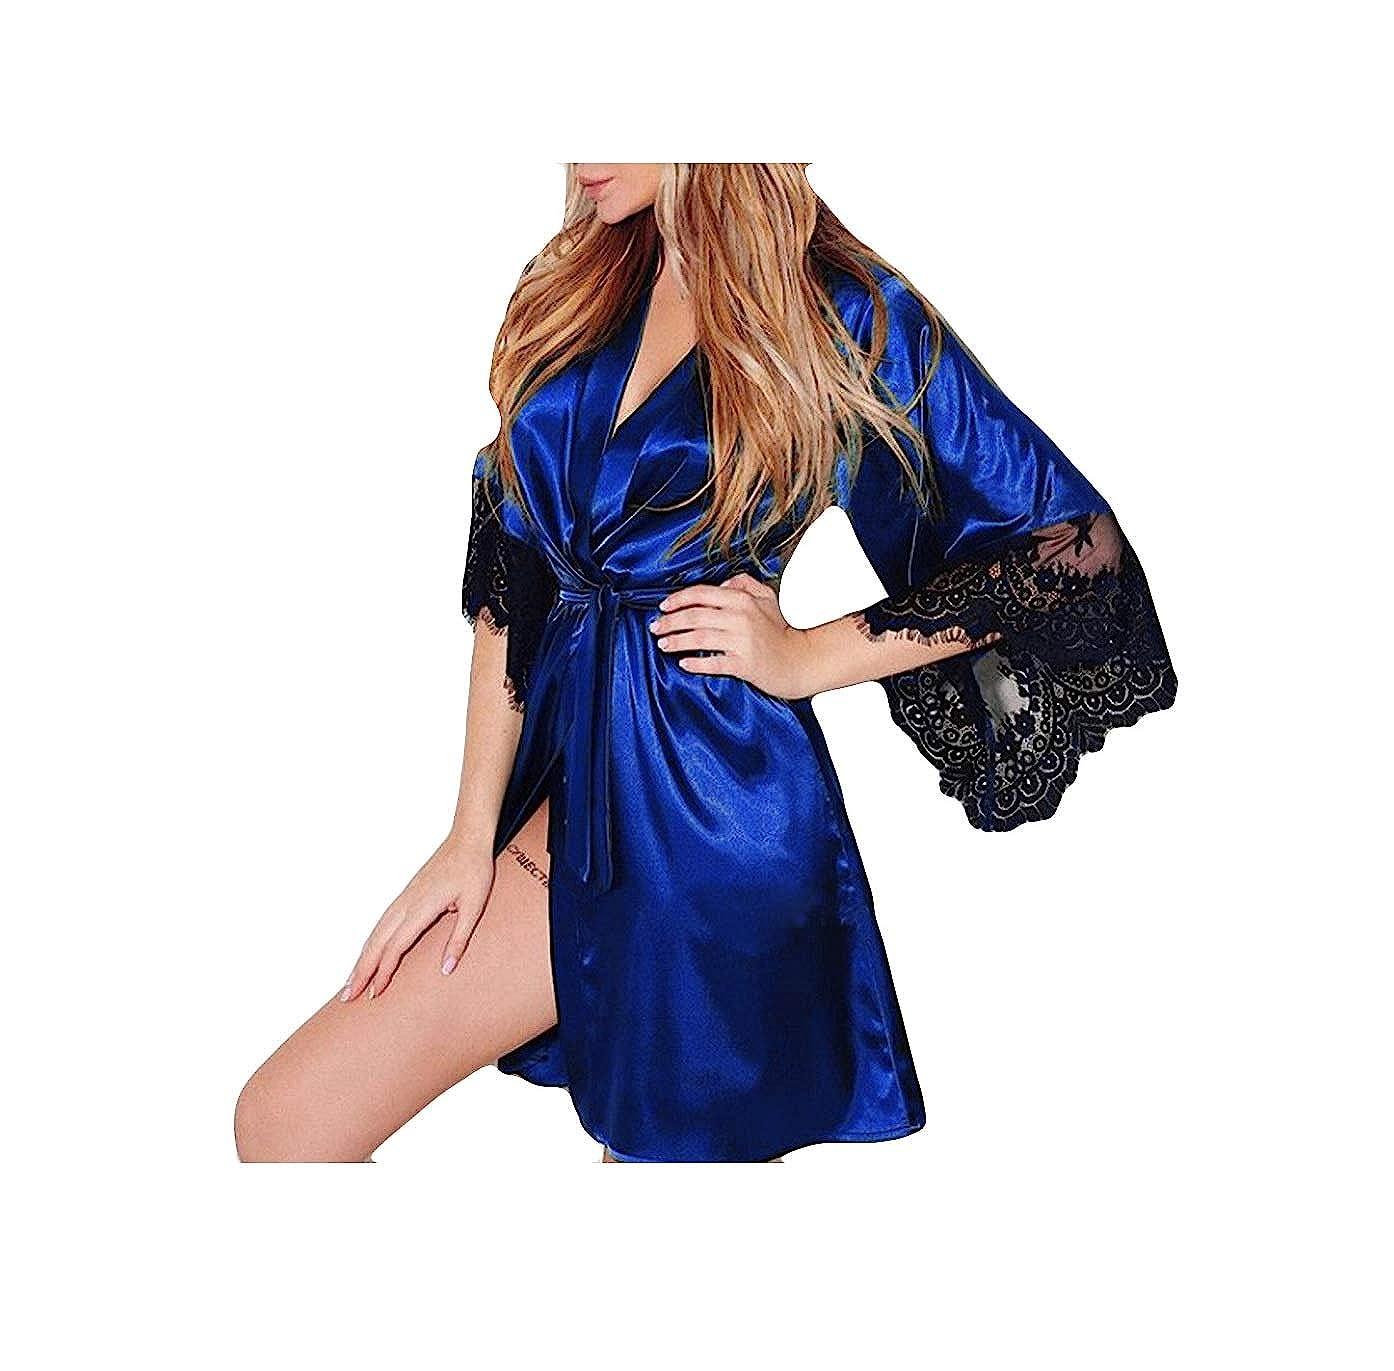 Gusspower Sexy Pijamas Vestido Lencería Largo Kimono para Mujer Ropa de Dormir Camisón de Encaje Código múltiple: Amazon.es: Ropa y accesorios